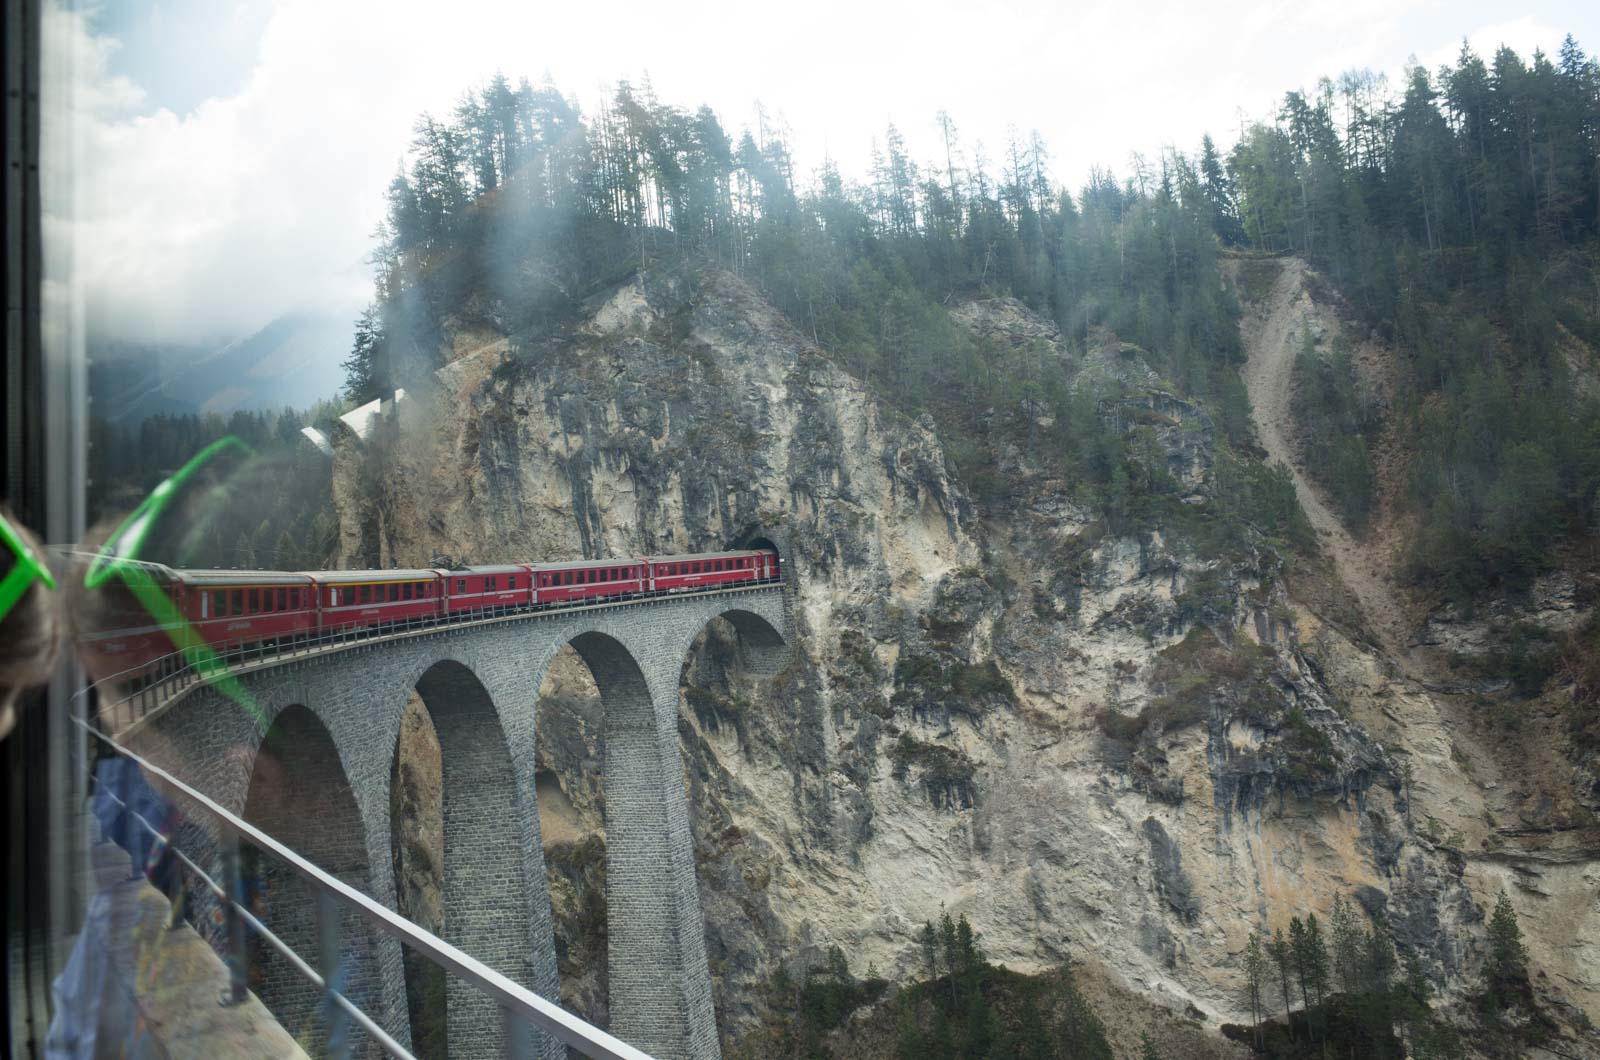 ヨーロッパ鉄道建築の旅'16:7日目 ベルニナ急行でクールからティラーノへ・ミラノに戻る